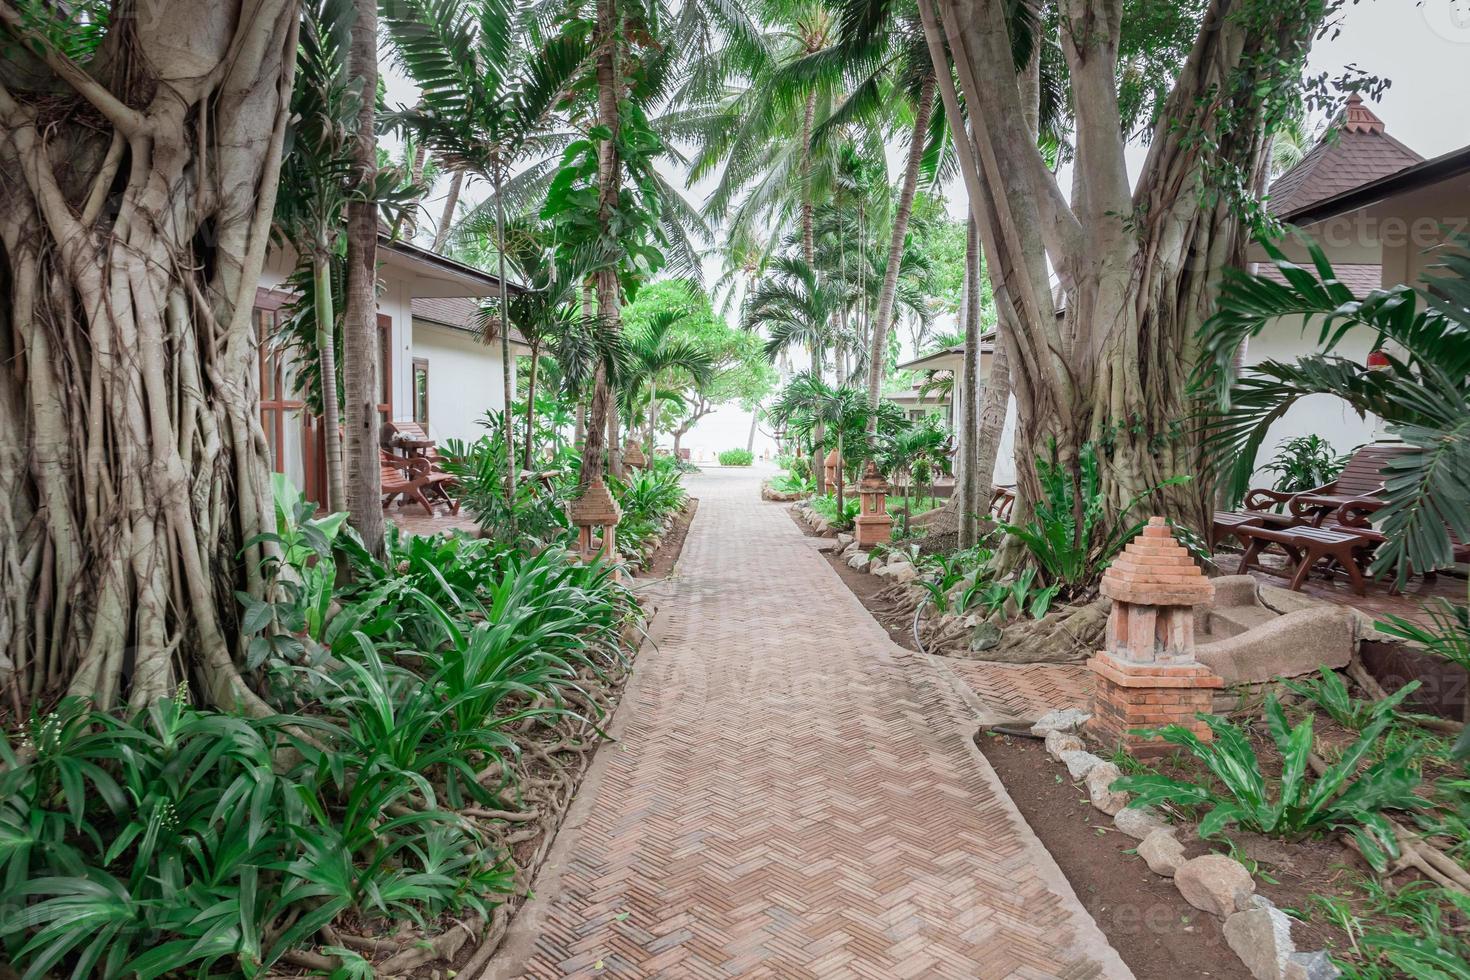 tropische tuin en de weg naar zee strand foto